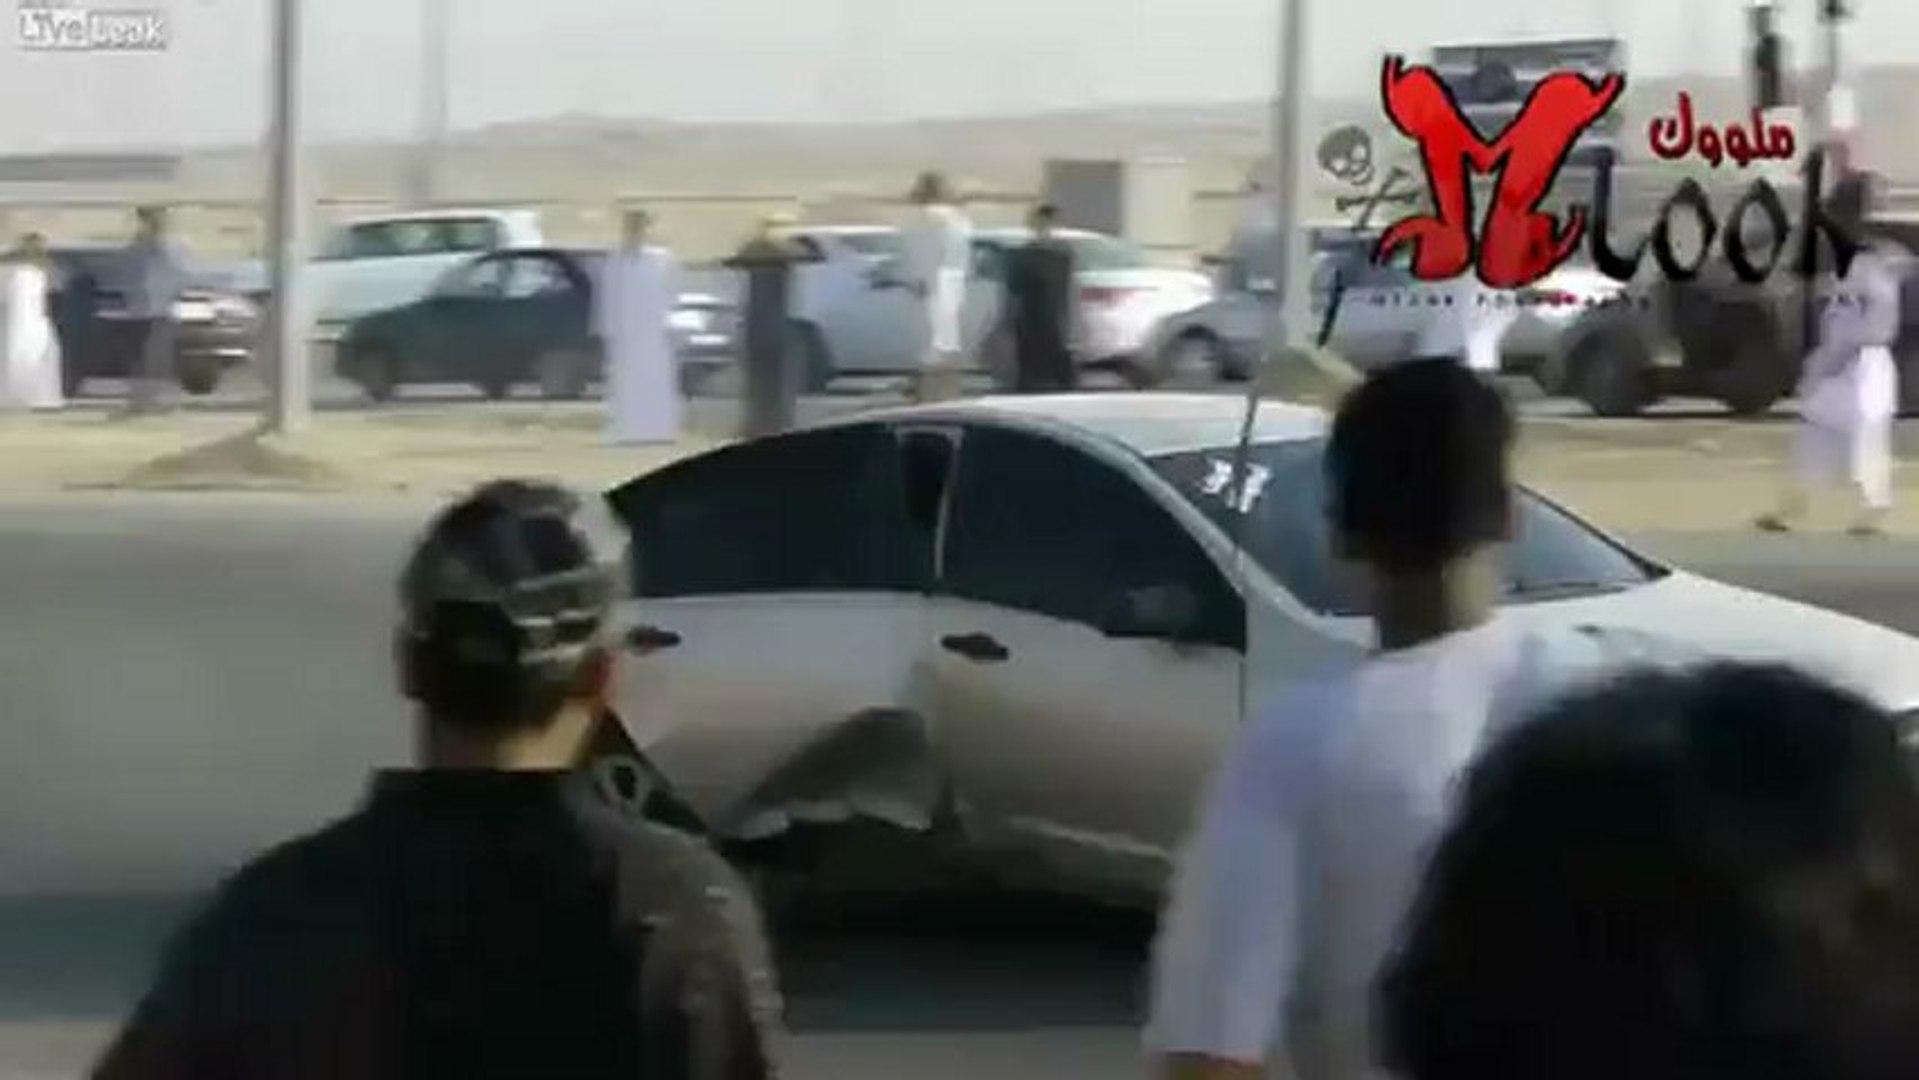 Drift fail Carro capota durante cavalo de pau em drift na Arábia Saudita